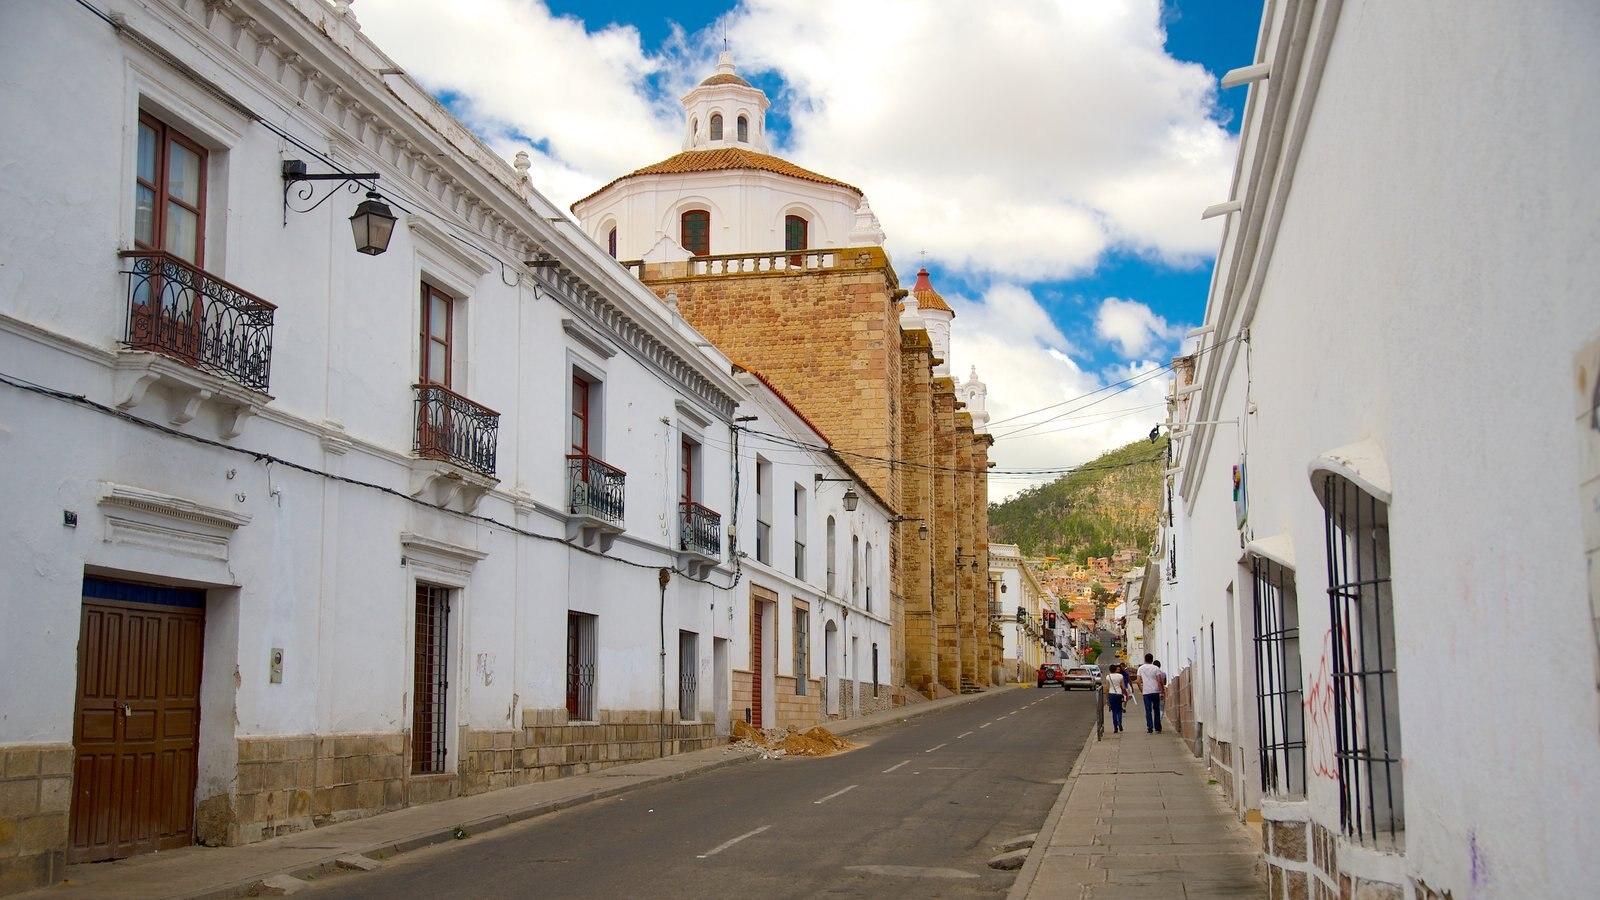 Sucre mostrando uma cidade